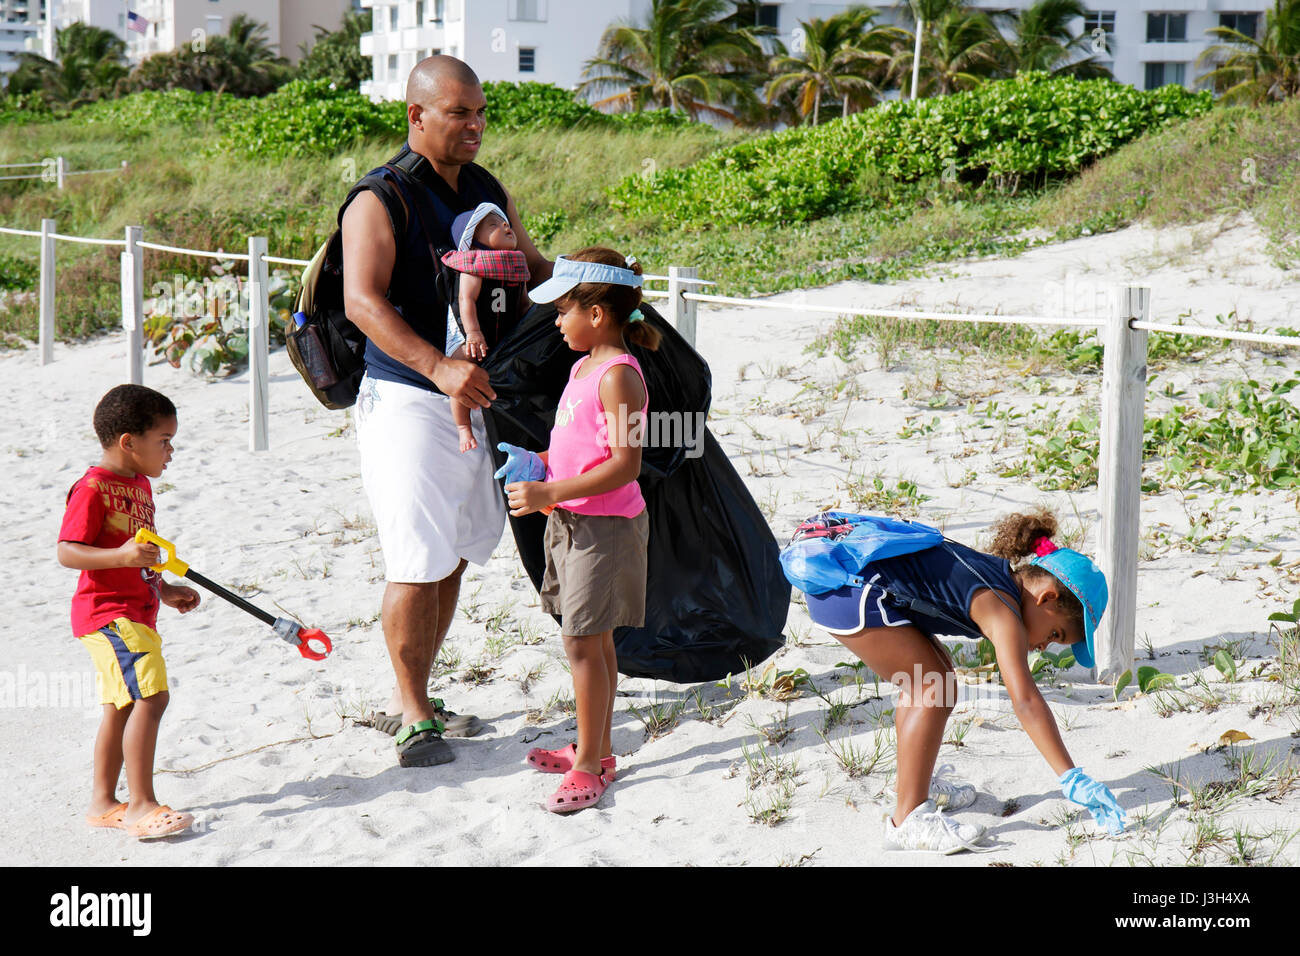 Floride, FL, Sud, Miami Beach, SoBe, Lummus Park, International Coastal Cleanup, bénévoles service communautaire Banque D'Images